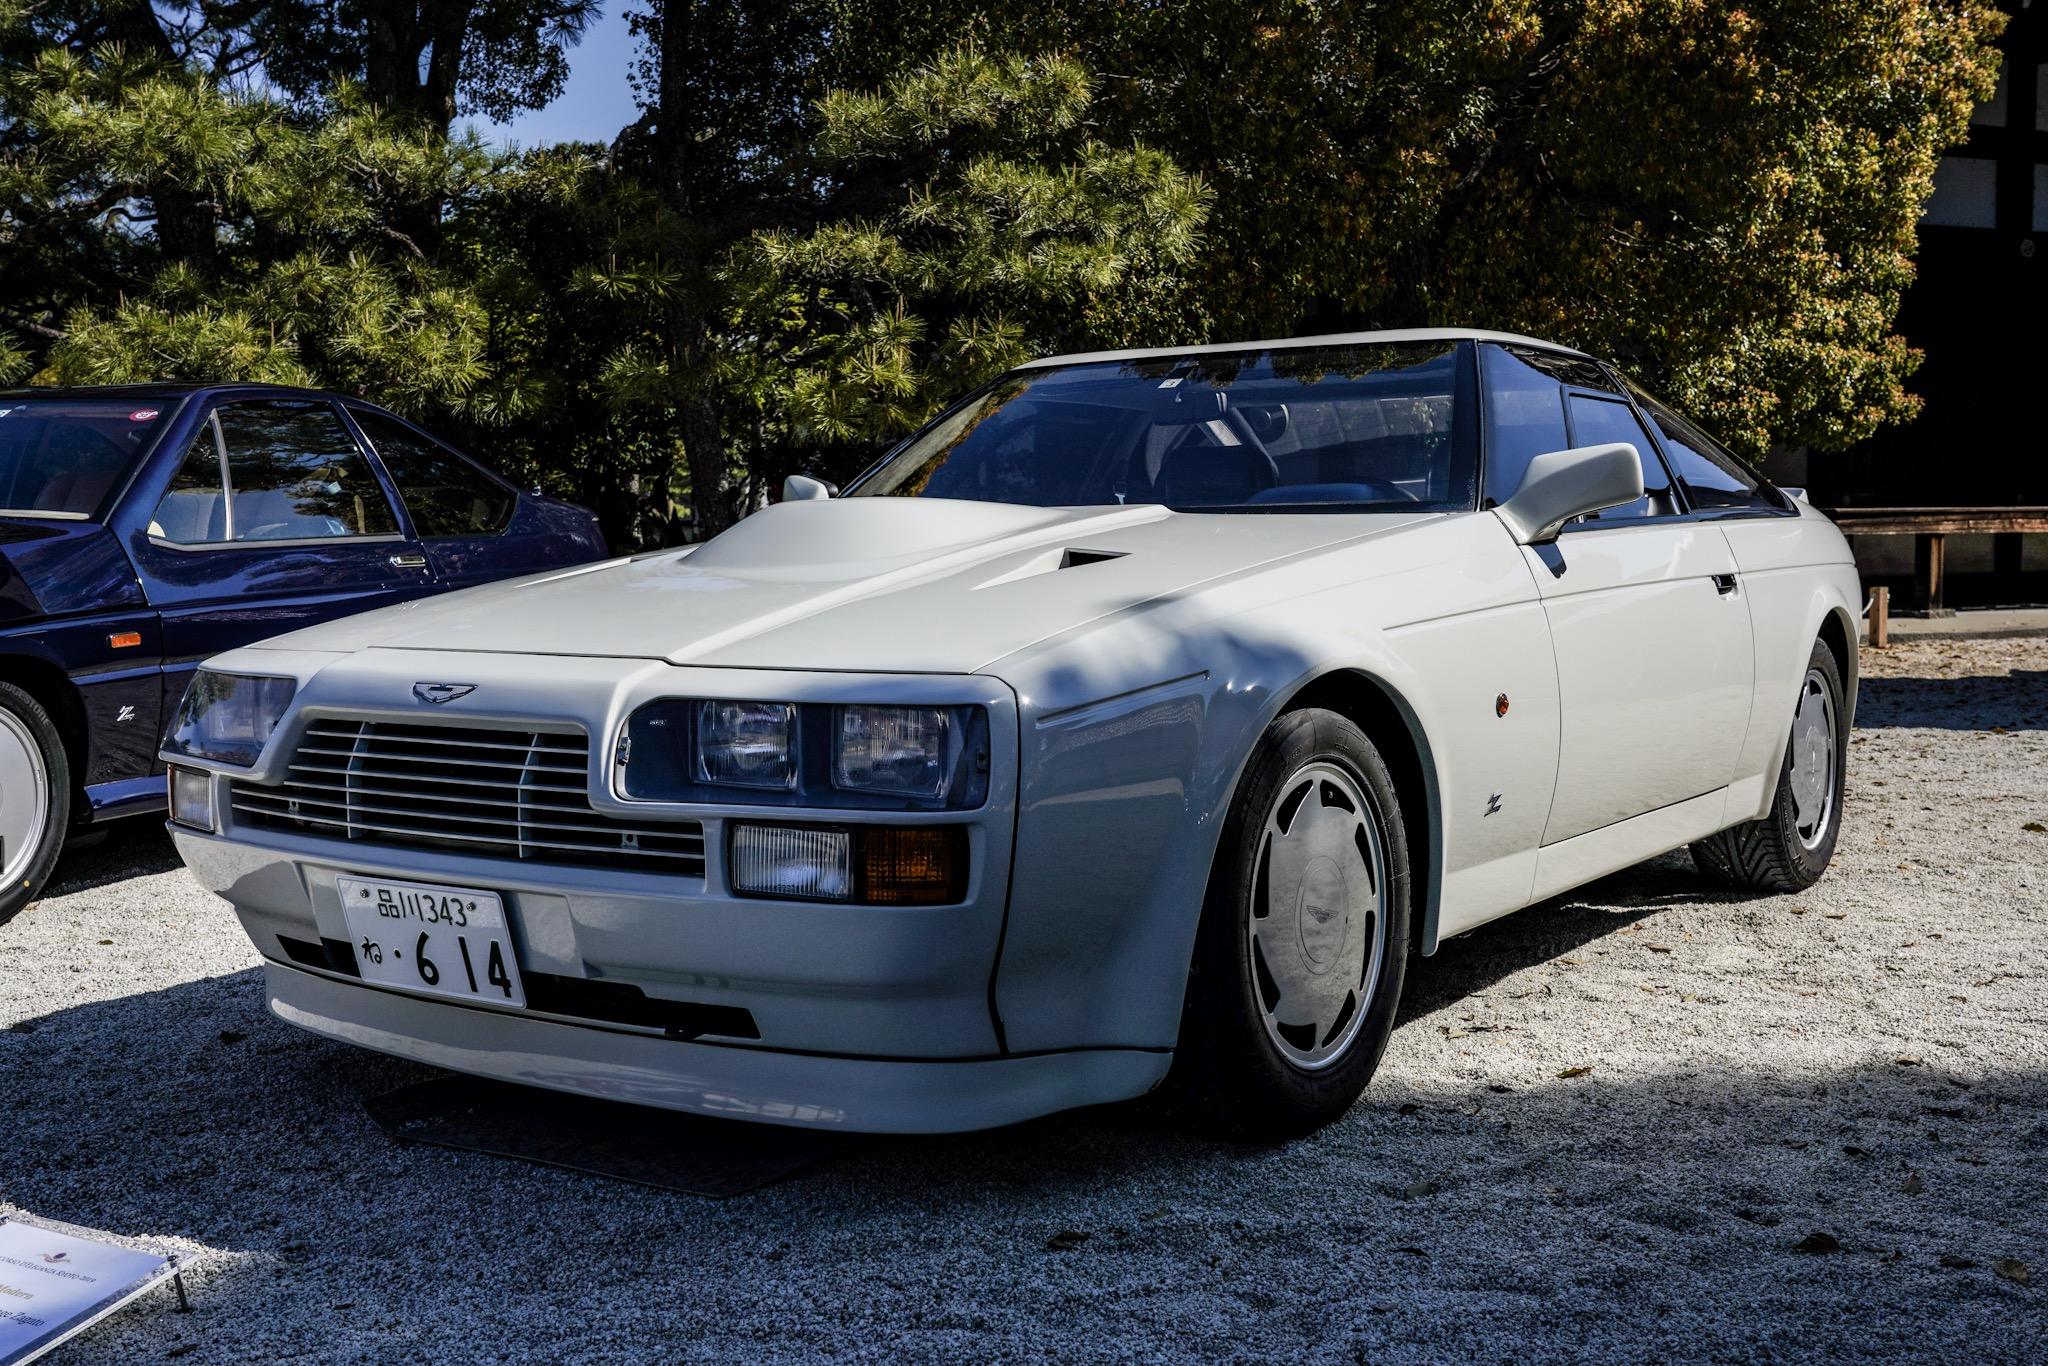 アストンマーティン V8 ヴァンテージ ザガート 外装 フロント・サイド コンコルソ・デレガンツァ・京都2019